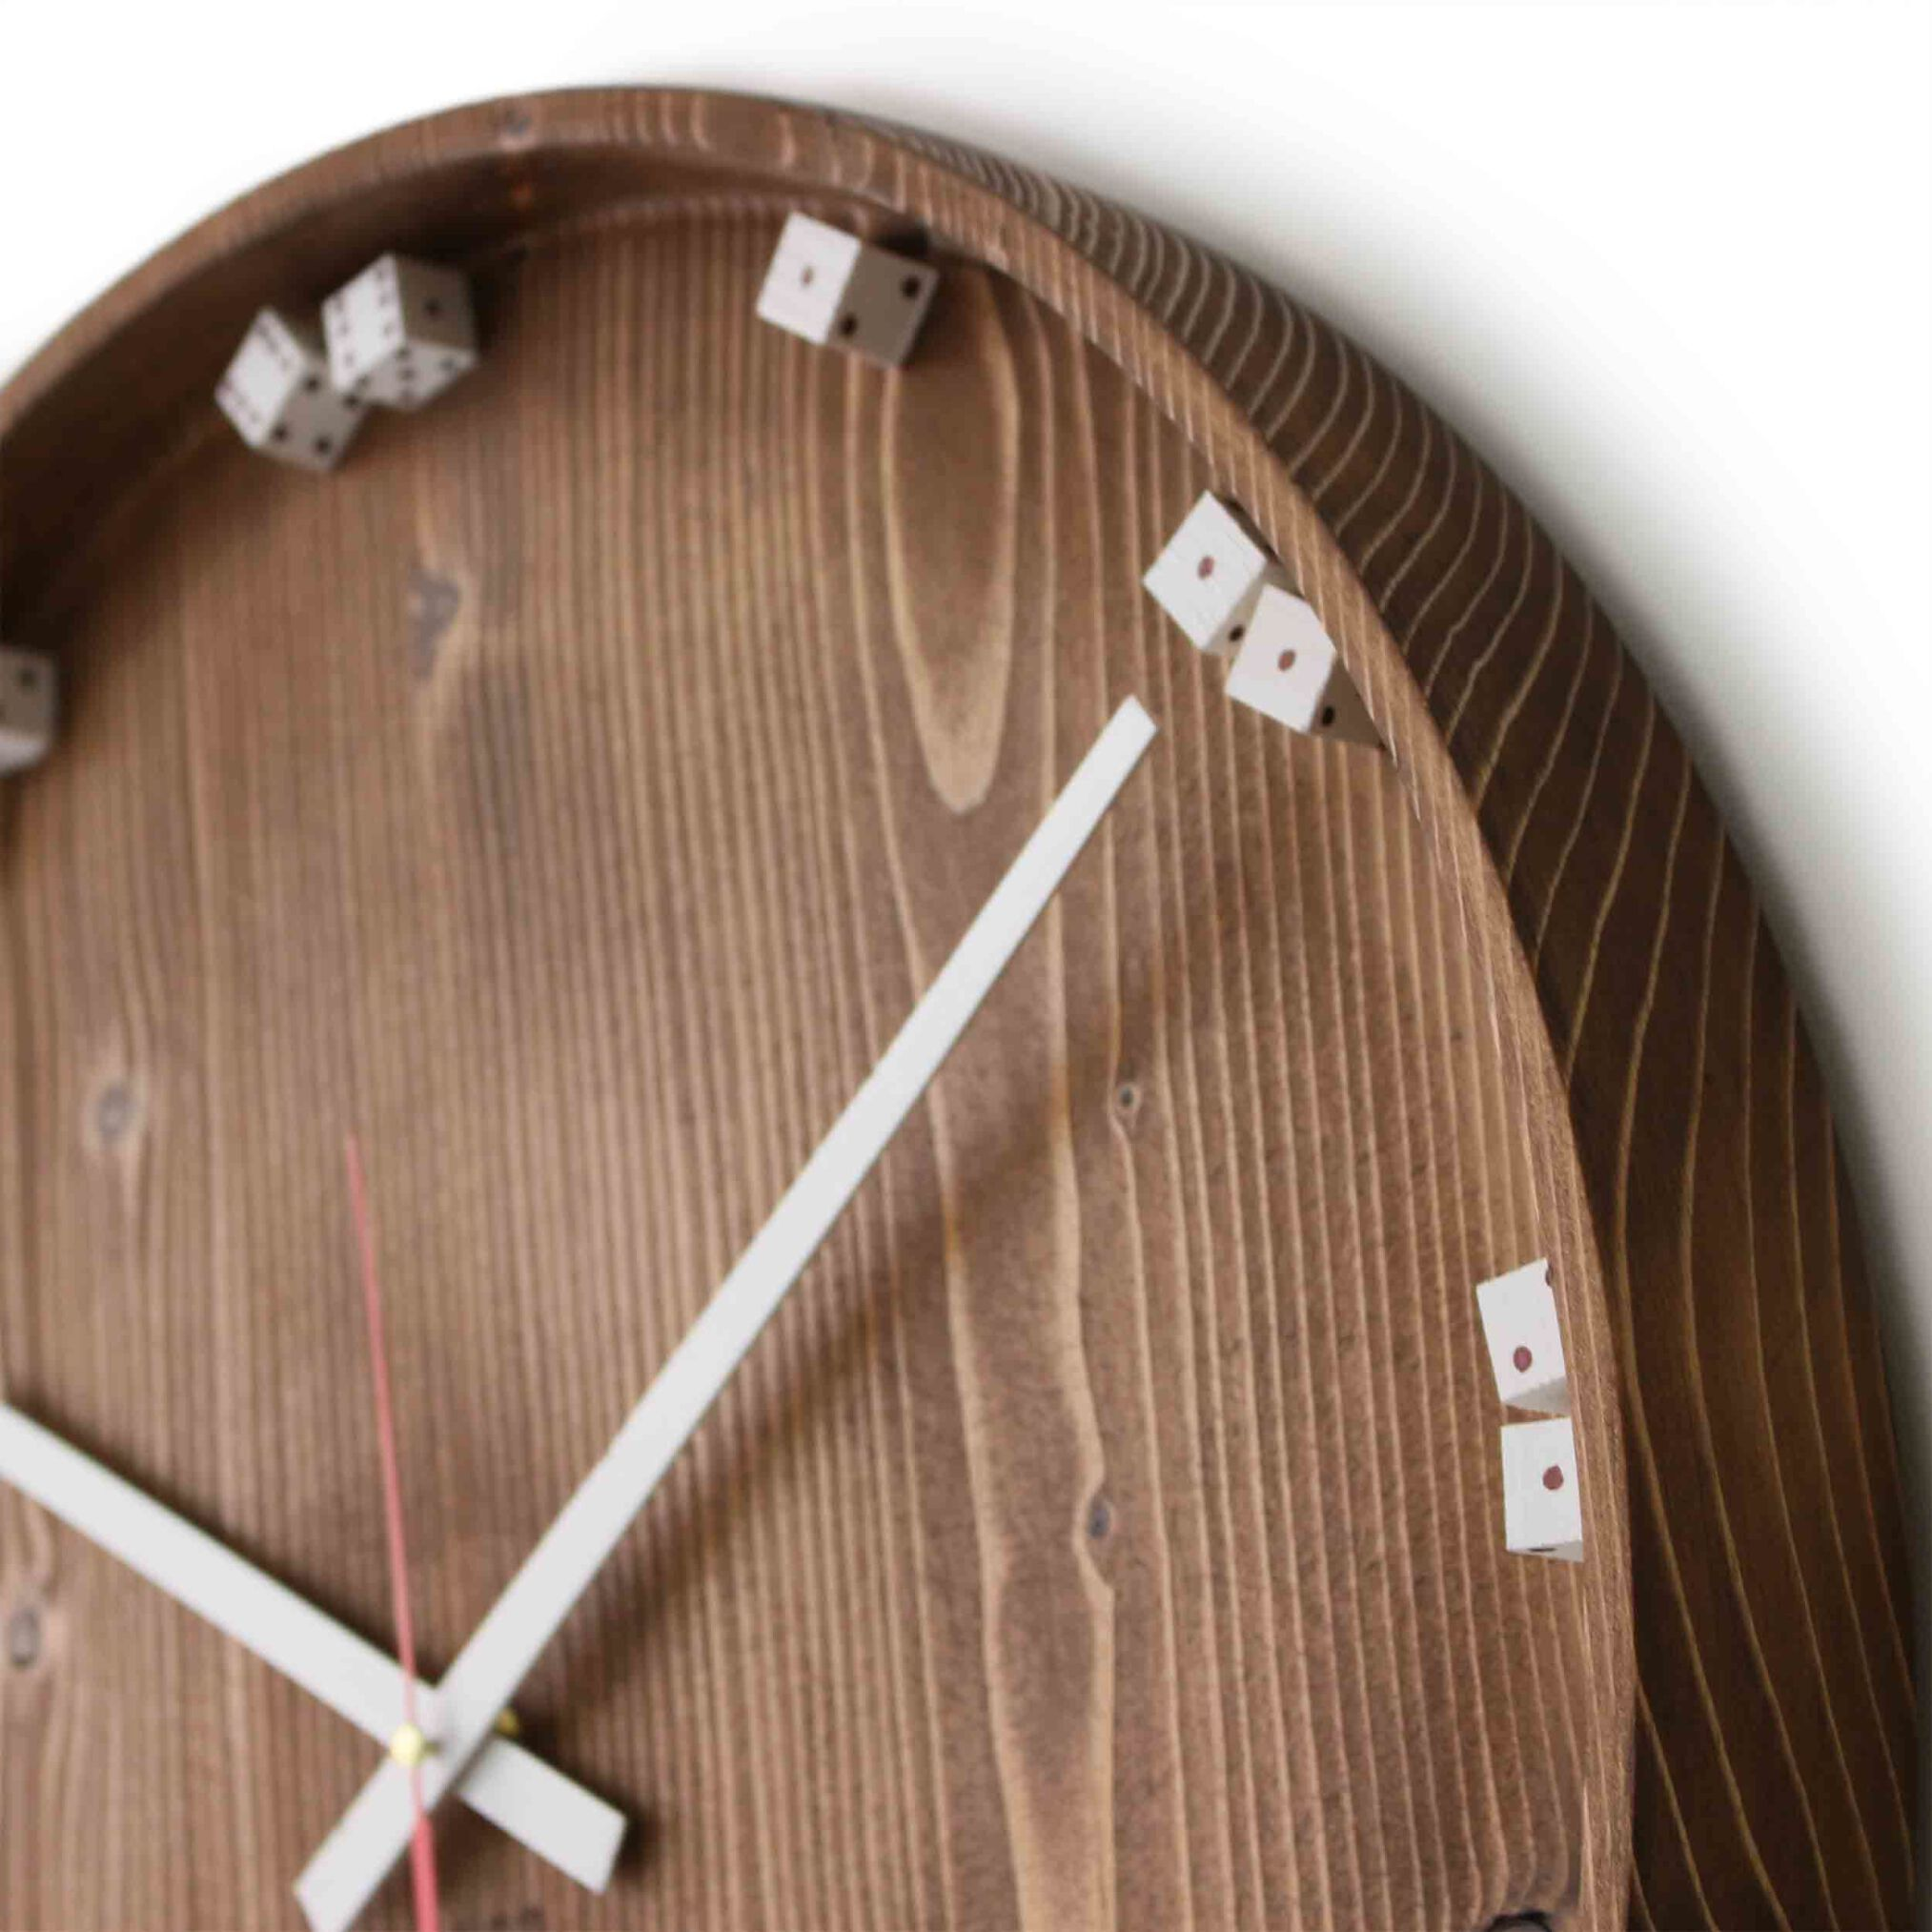 ساعت تمام چوب روس مدل تاس، ساعت چوبی ، ساعت کادویی